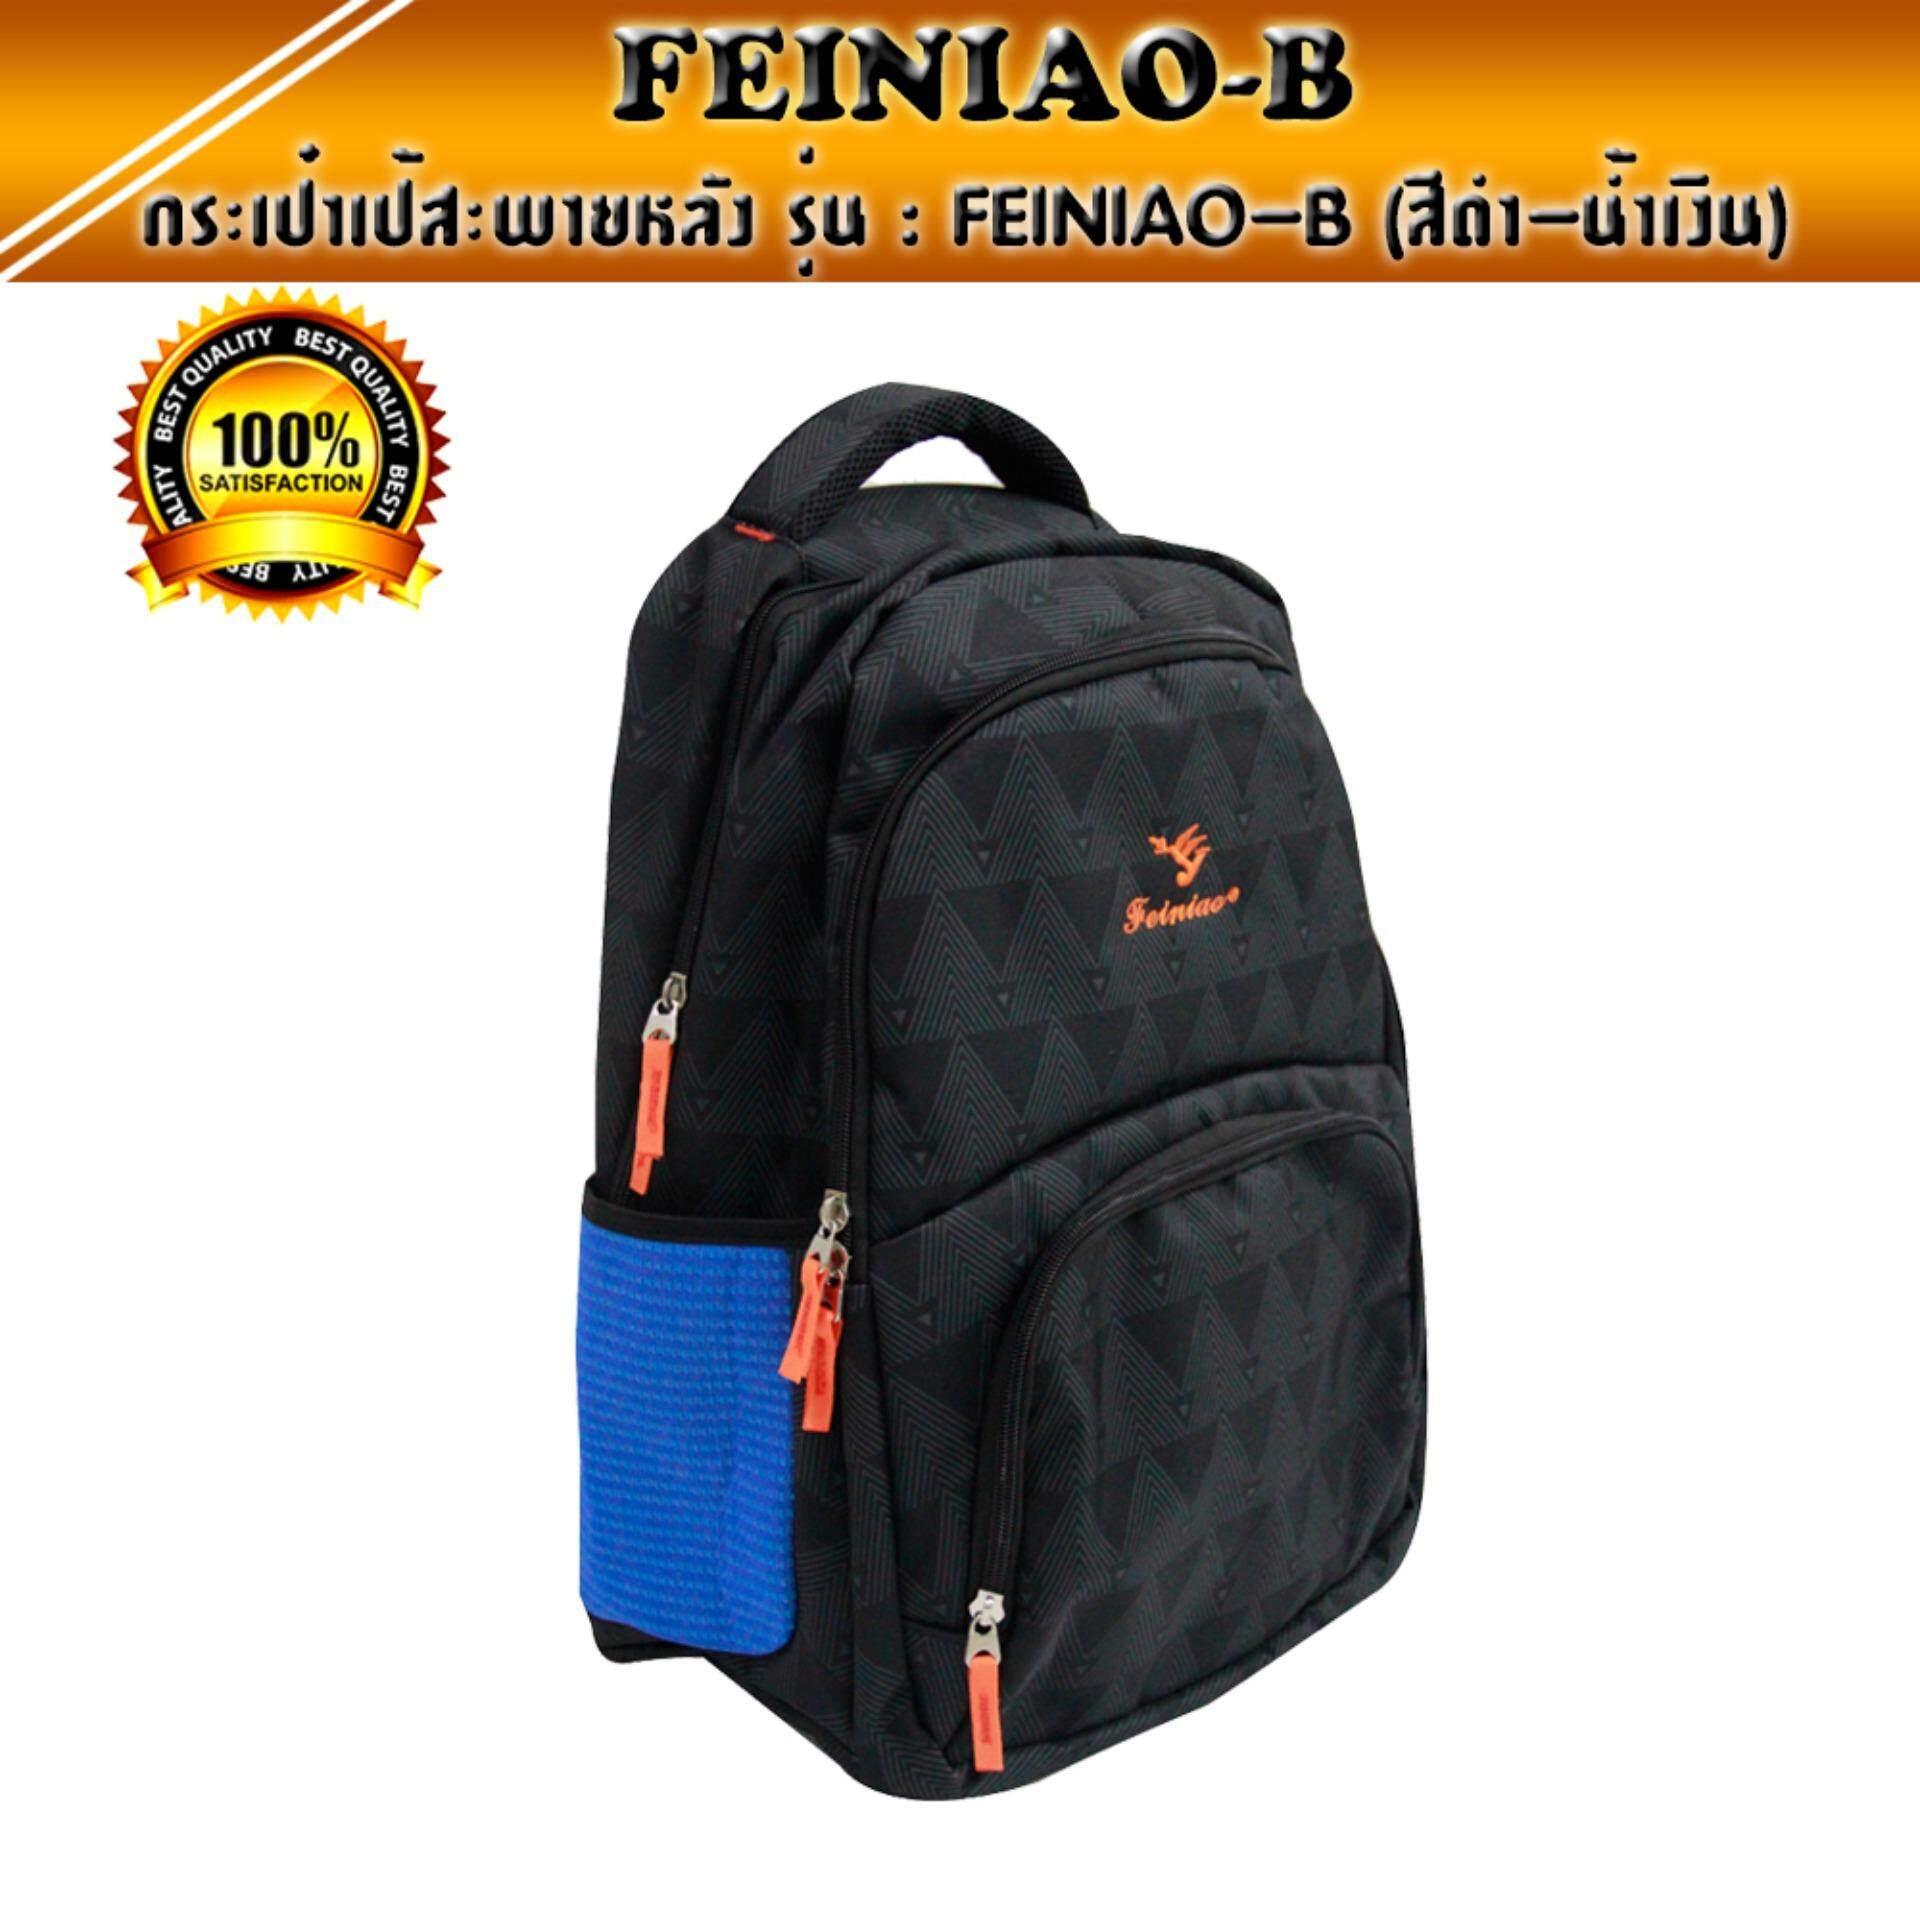 ขาย กระเป๋าเป้ กระเป๋าเป้สะพายหลัง กระเป๋าเป้เดินทาง กระเป๋าเดินทาง ผ้าหนา กันน้ำ ใส่โน๊ตบุ๊คได้ รุ่น Feiniao B สีดำ น้ำเงิน 18 นิ้ว ถูก กรุงเทพมหานคร